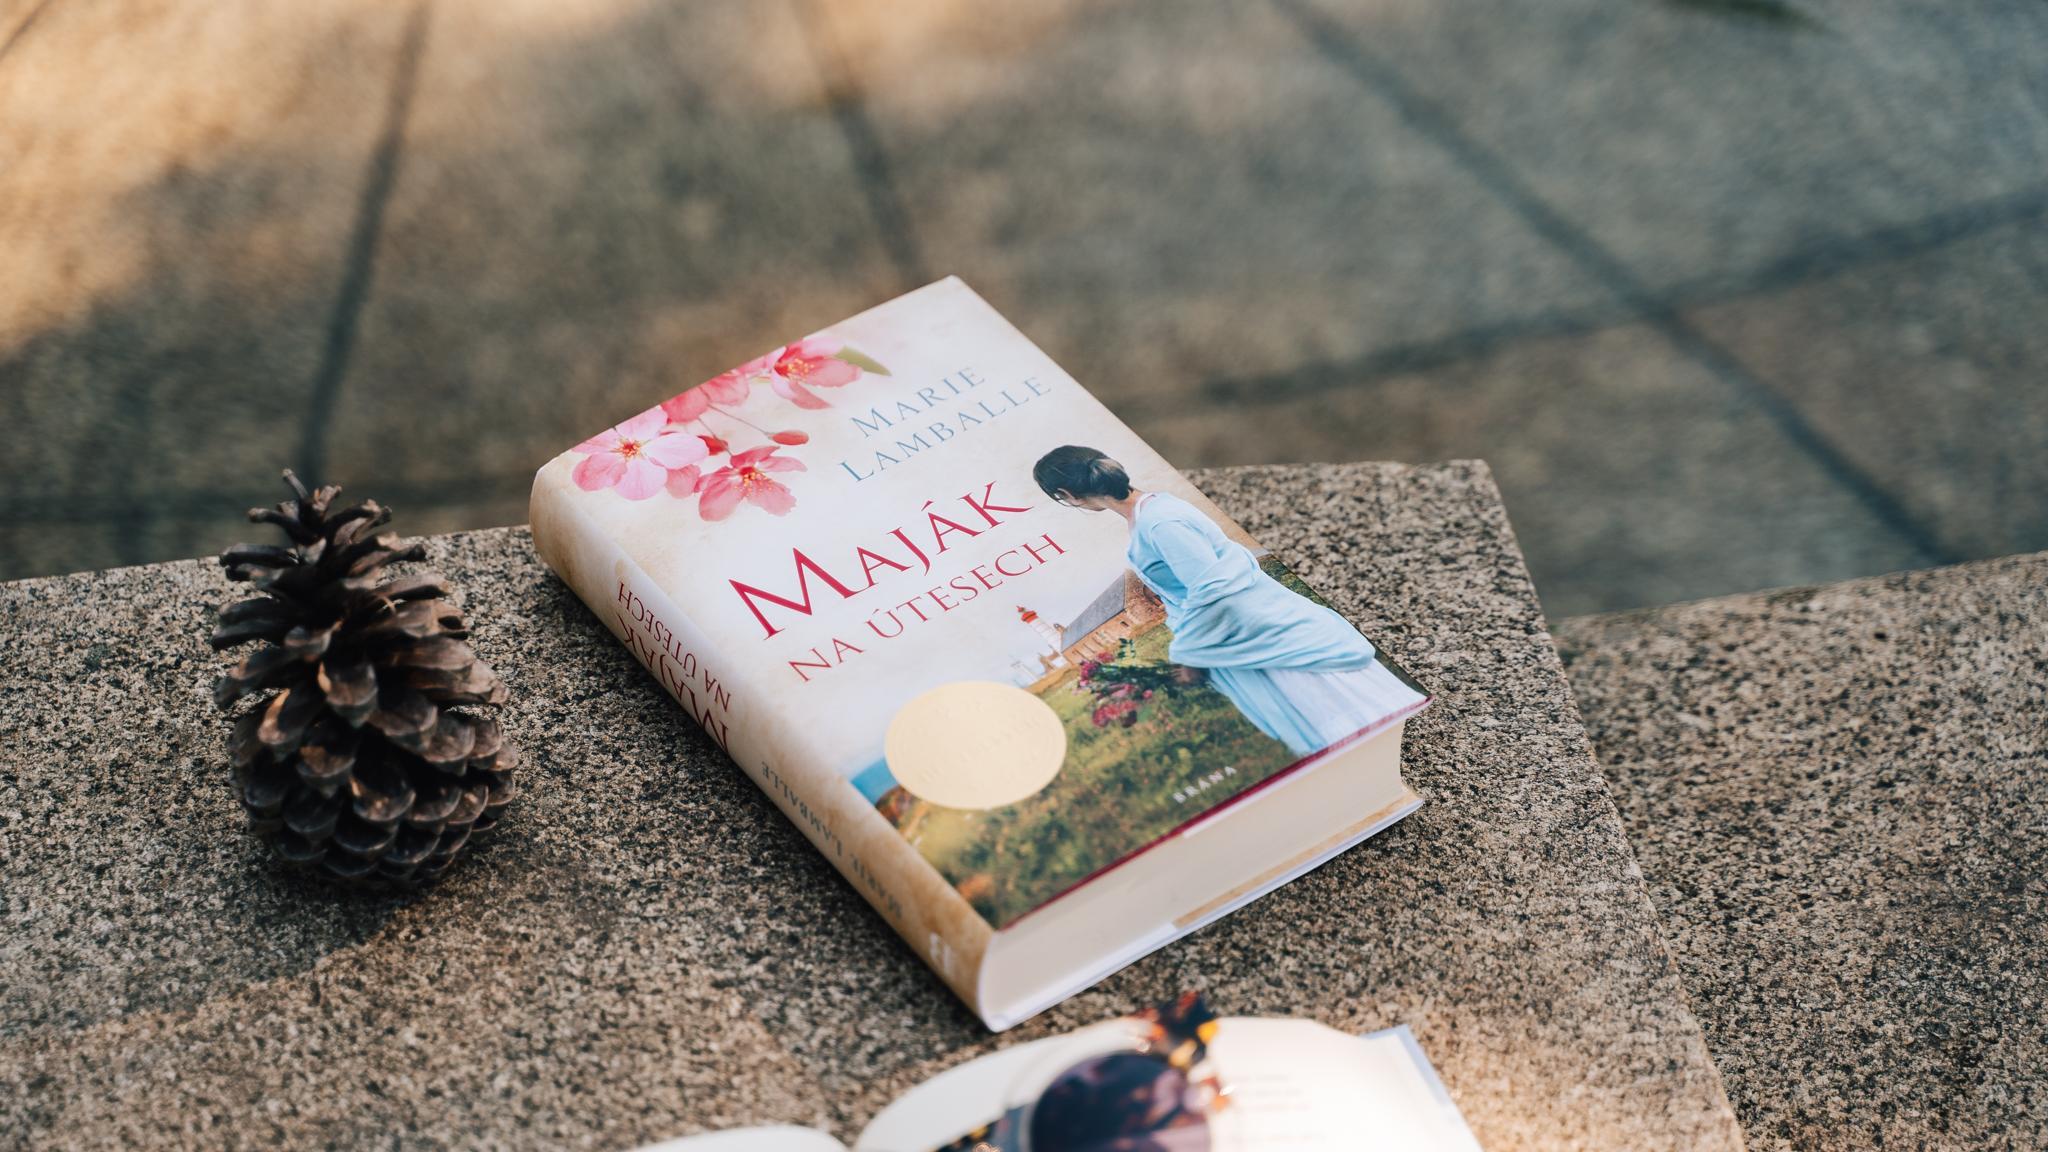 Jaká je knižní novinka Maják na útesech od Marie Lamballe?